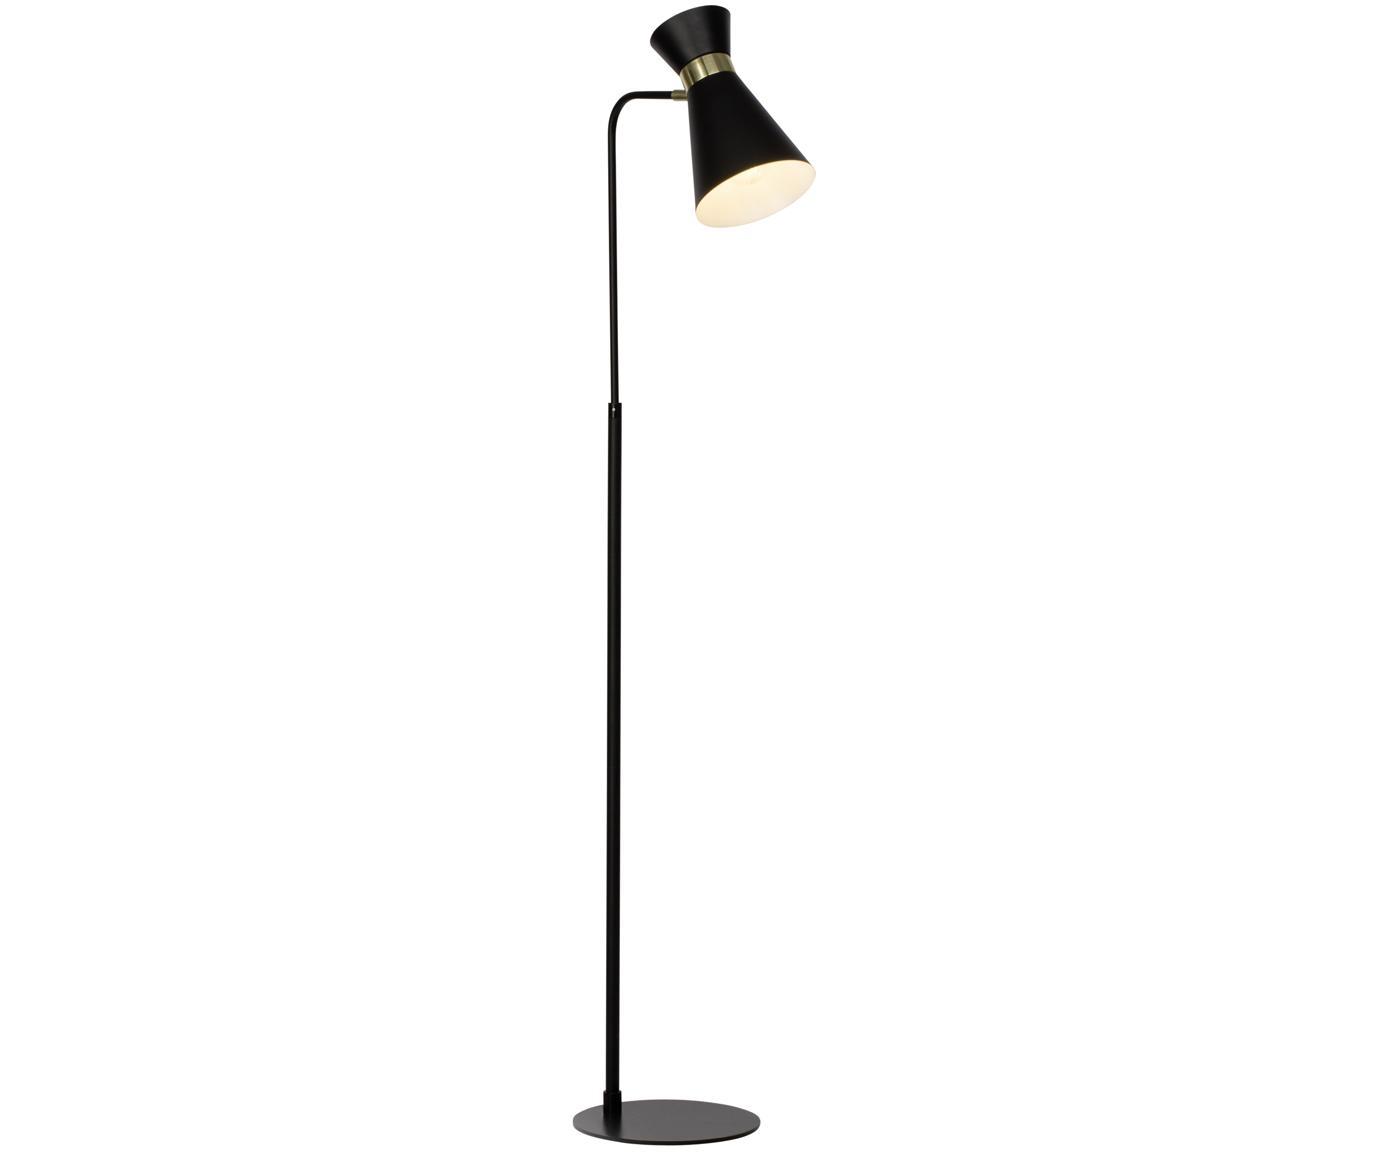 Leeslamp Grazia, verstelbaar, Gelakt metaal, Lampvoet en lampenkap: zwart. Bevestiging: mat goudkleurig, 39 x 144 cm